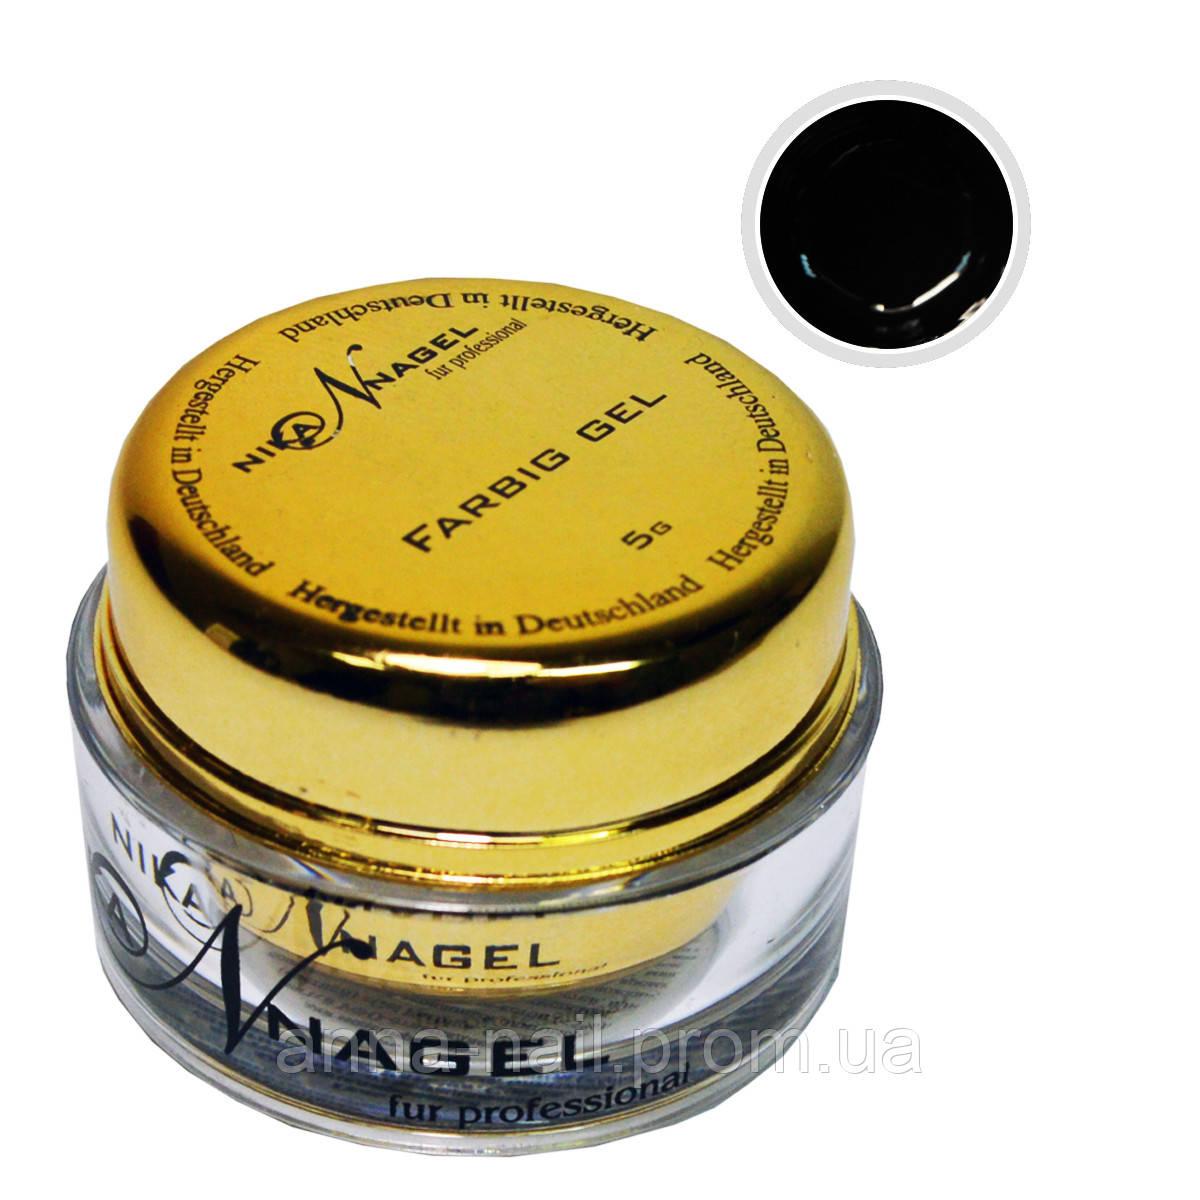 Гель для китайской росписи NIKA NAGEL Чёрный барон K5 черный, 5 г